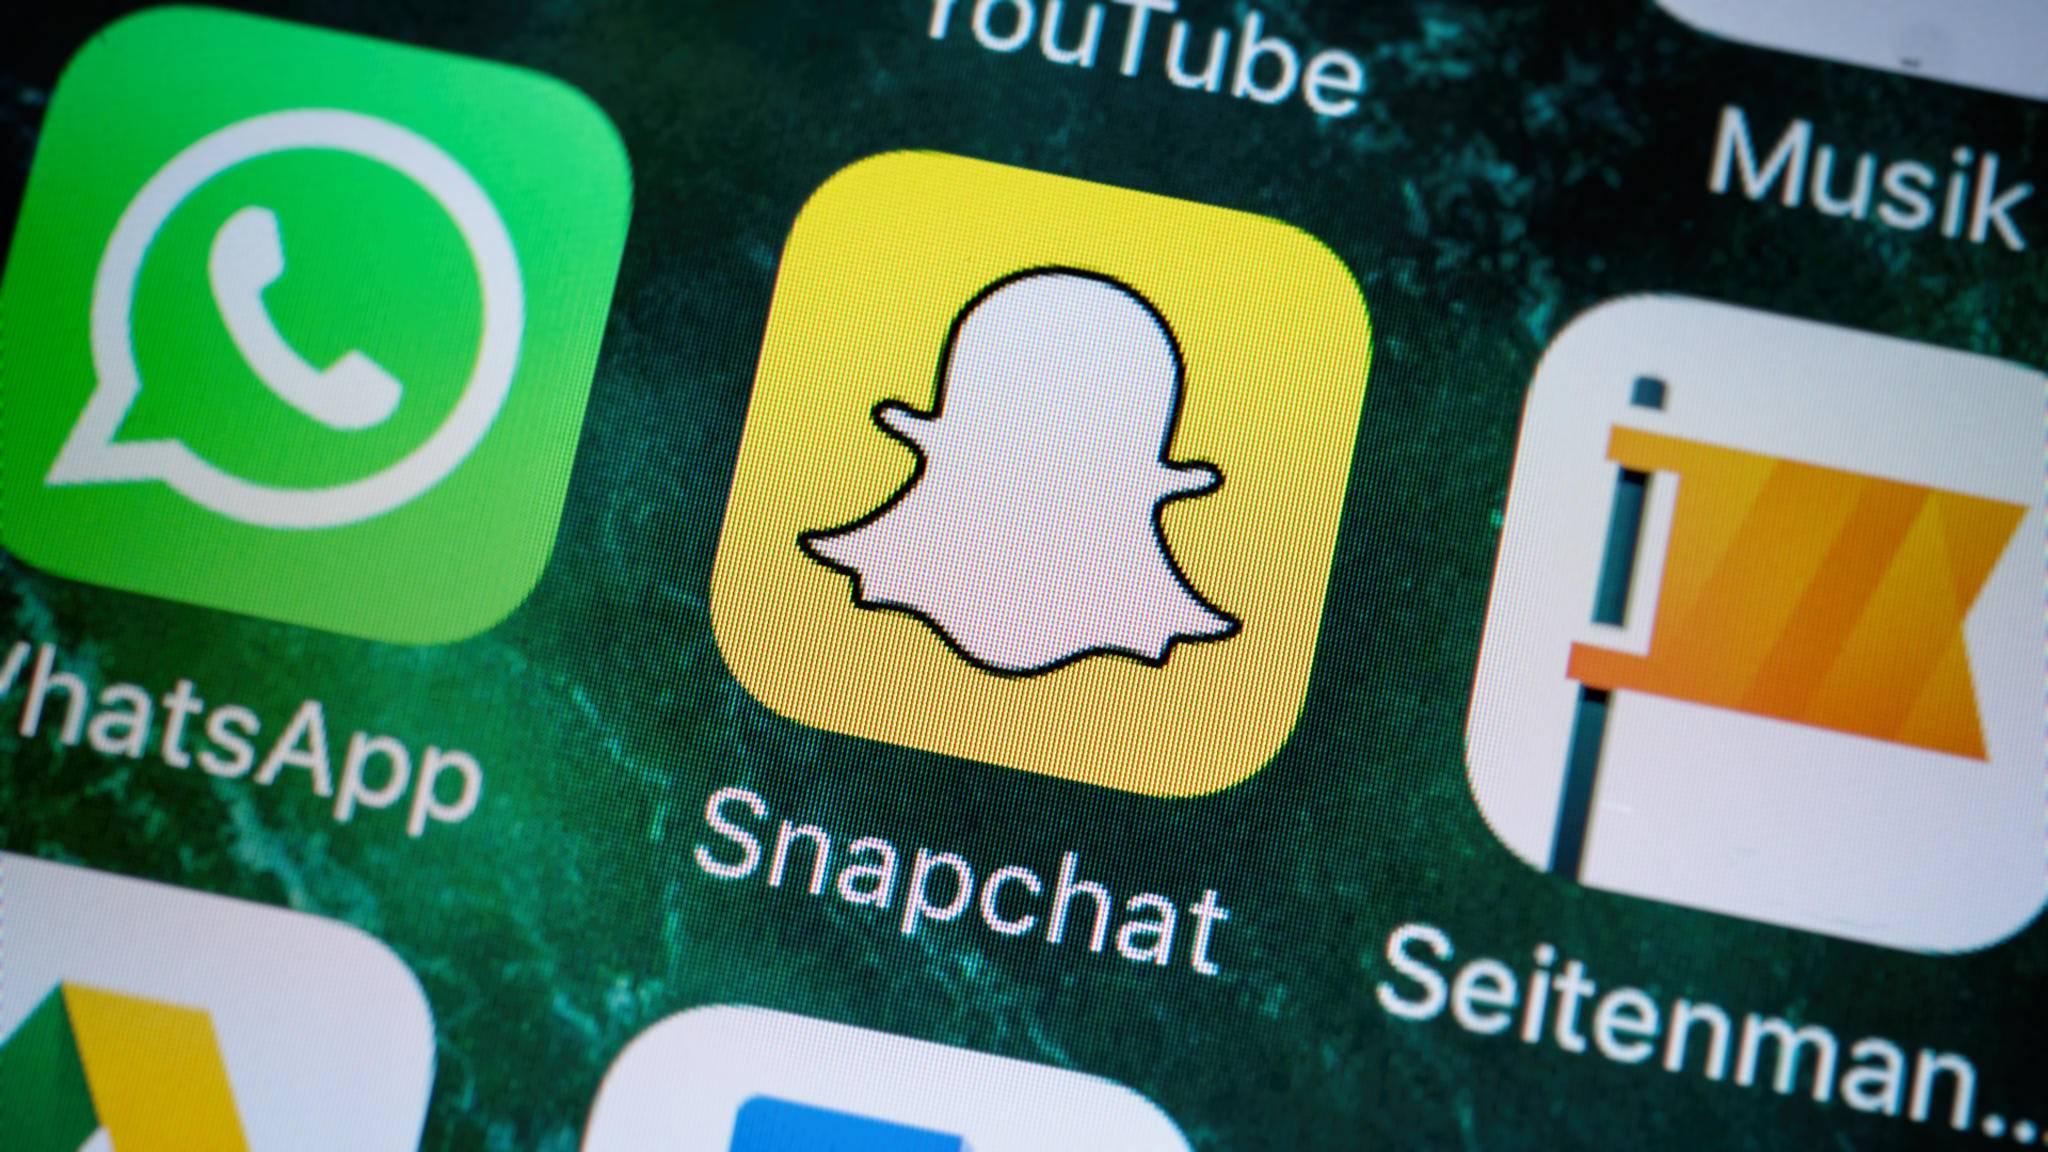 Snapchat kombiniert viele gleichzeitig aufgenommene Videos während einer Veranstaltung zu einem Mitschnitt.